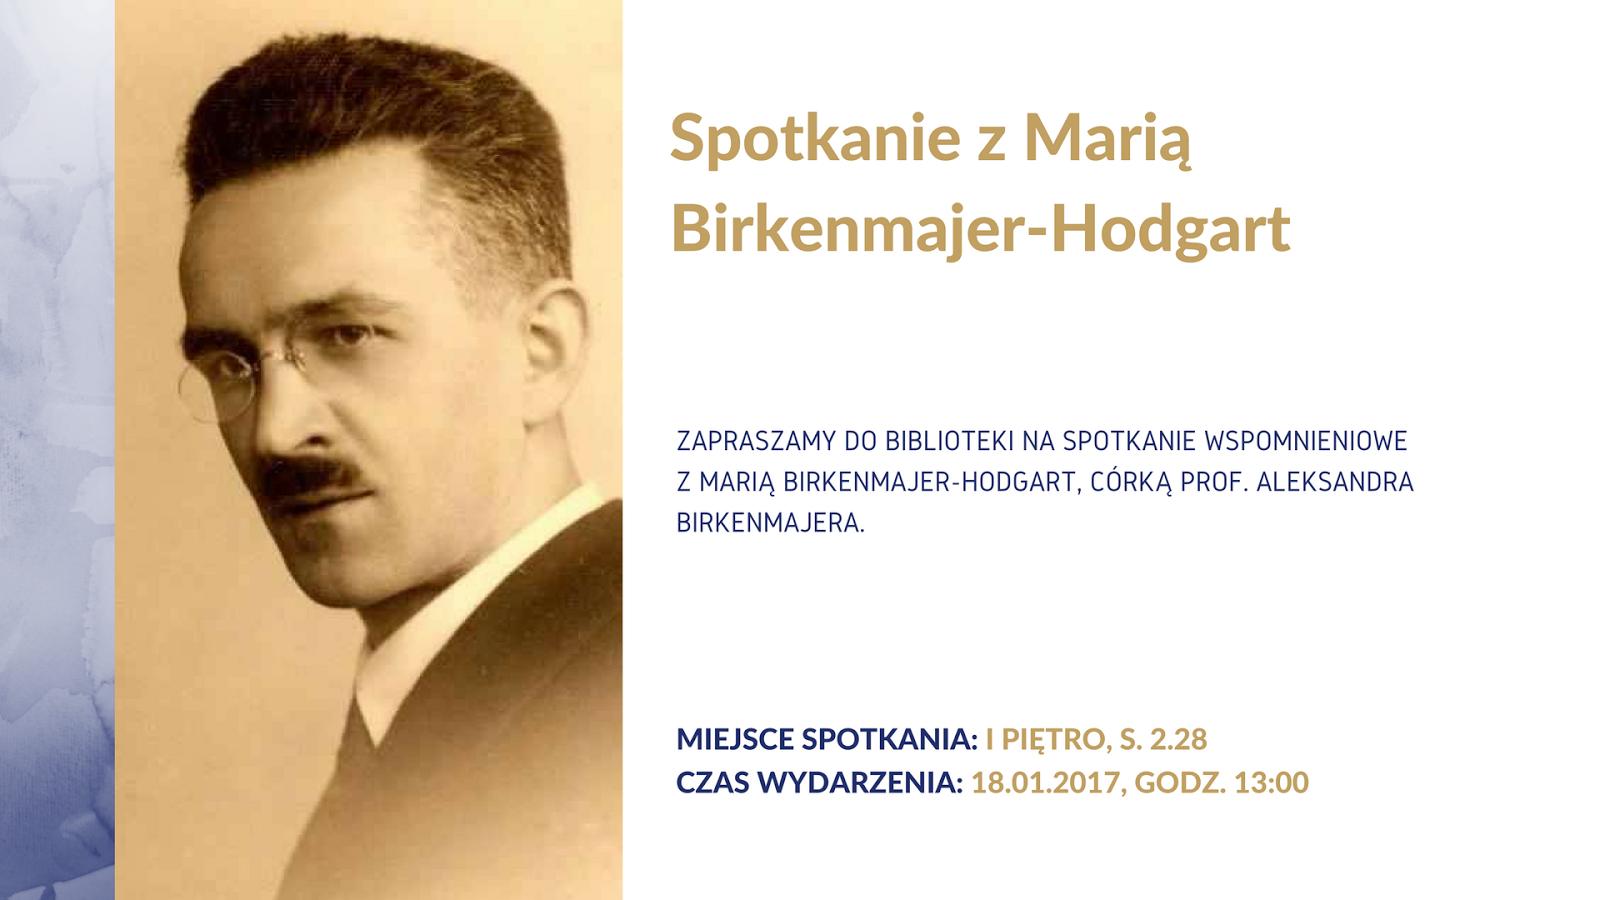 Spotkanie z Marią Birkenmajer-Hodgart